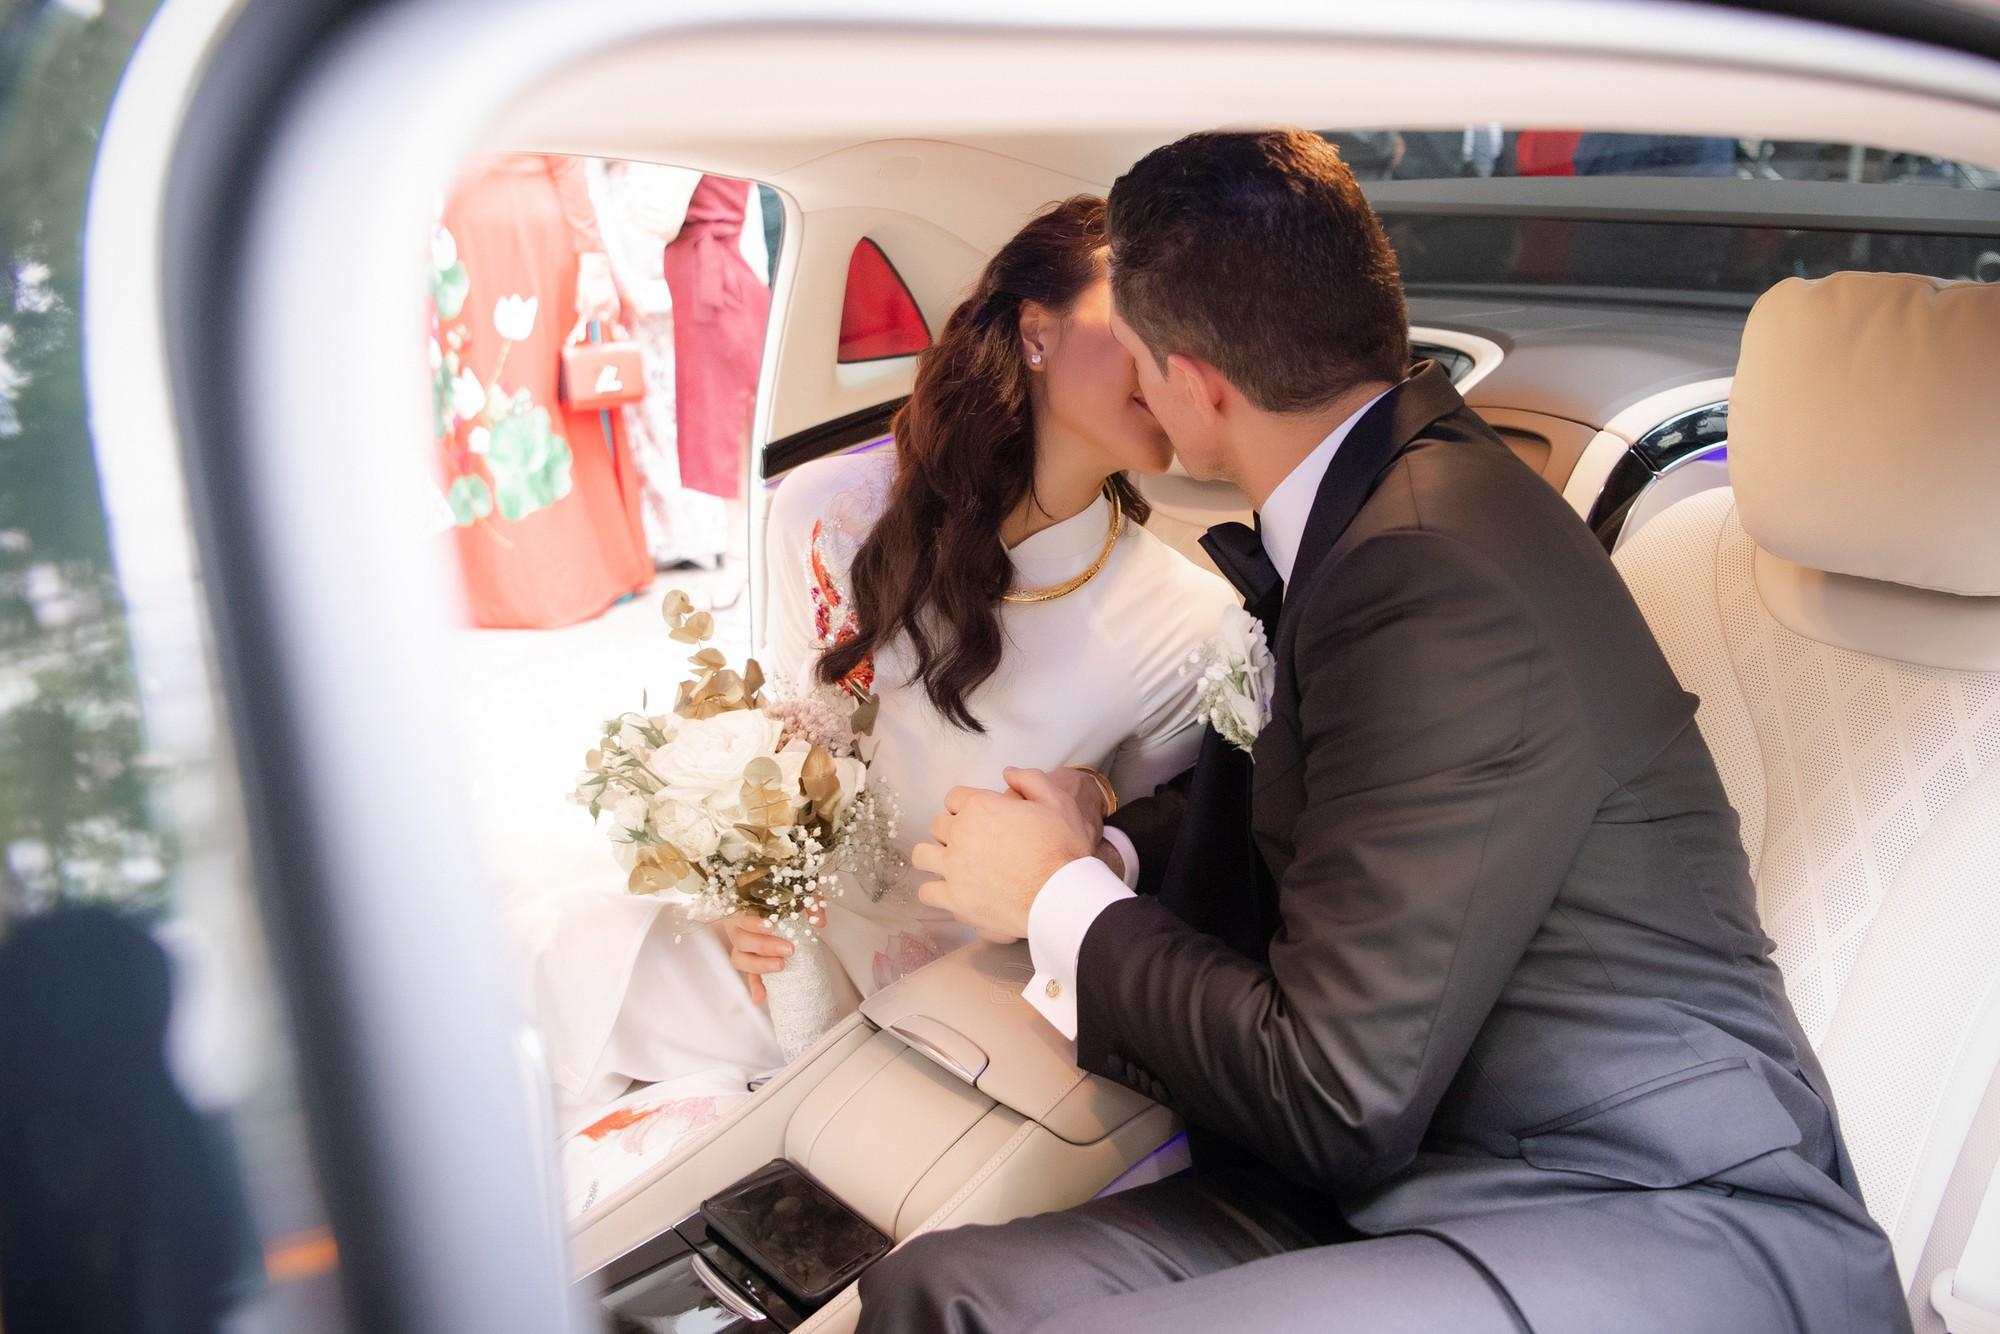 MC Phương Mai bật khóc xúc động, khoá môi ông xã Tây ngọt ngào trong ngày lên xe hoa về nhà chồng - Ảnh 11.